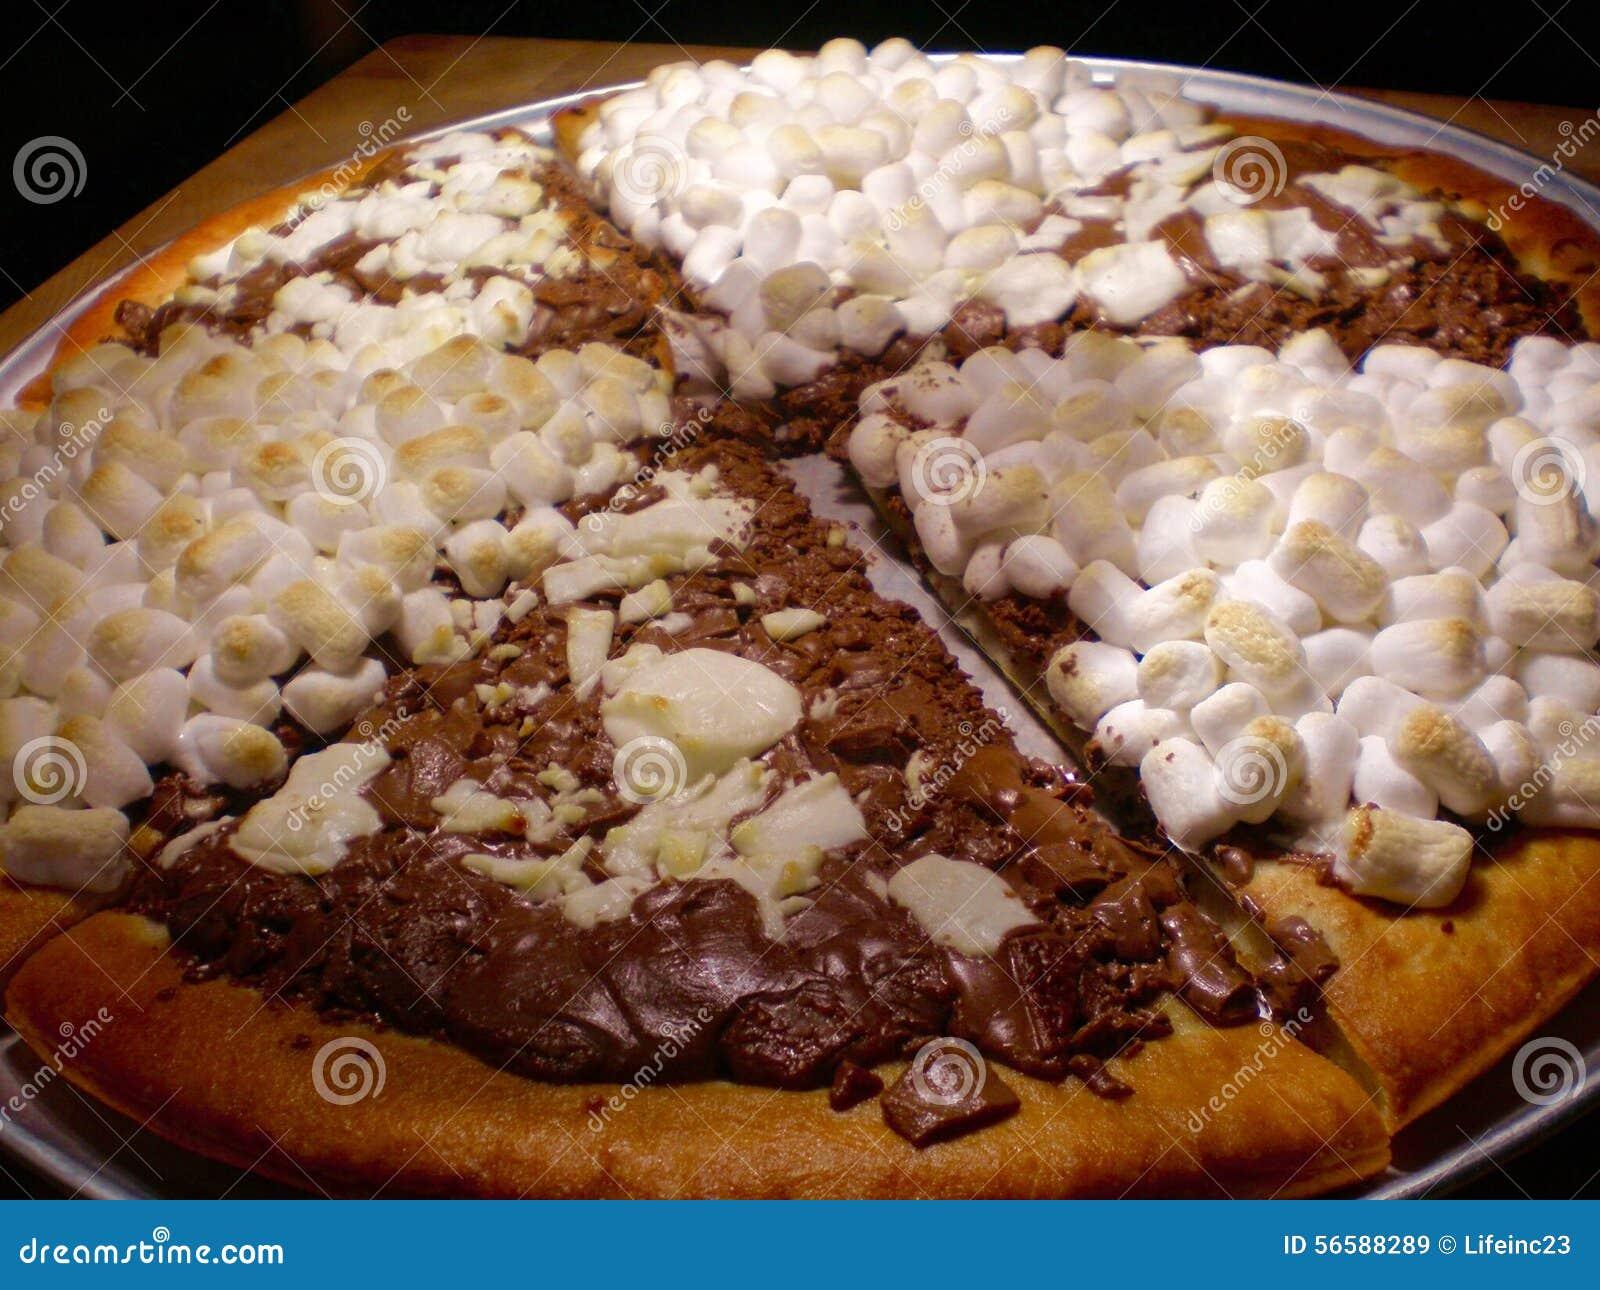 schokoladen pizza stockbild bild von pizza k stlich 56588289. Black Bedroom Furniture Sets. Home Design Ideas